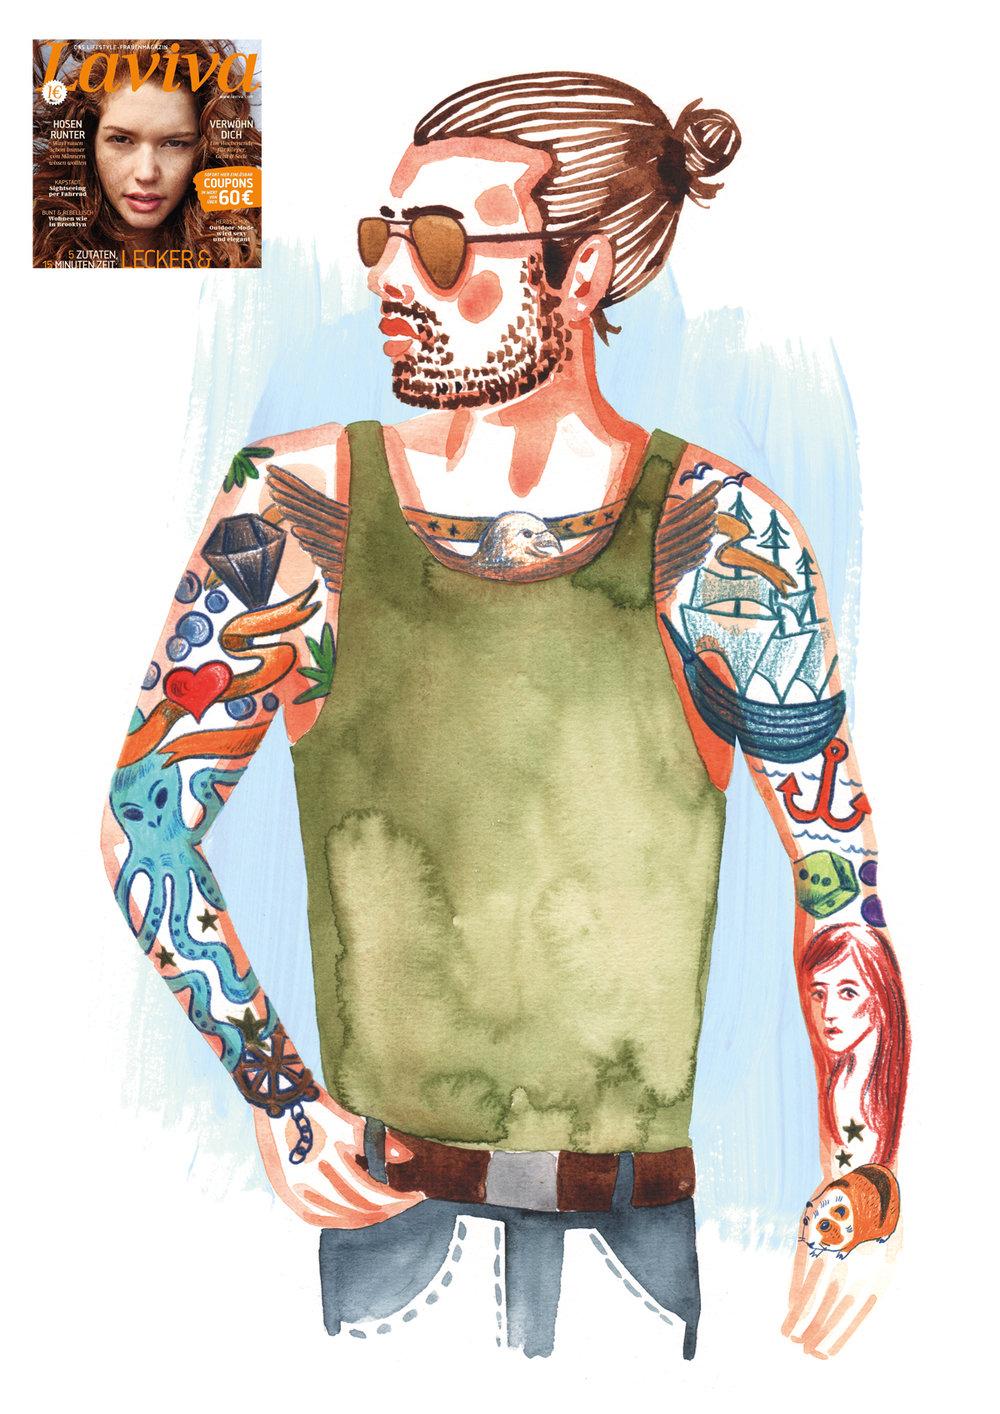 AQ_Laviva Tattoo web2.jpg